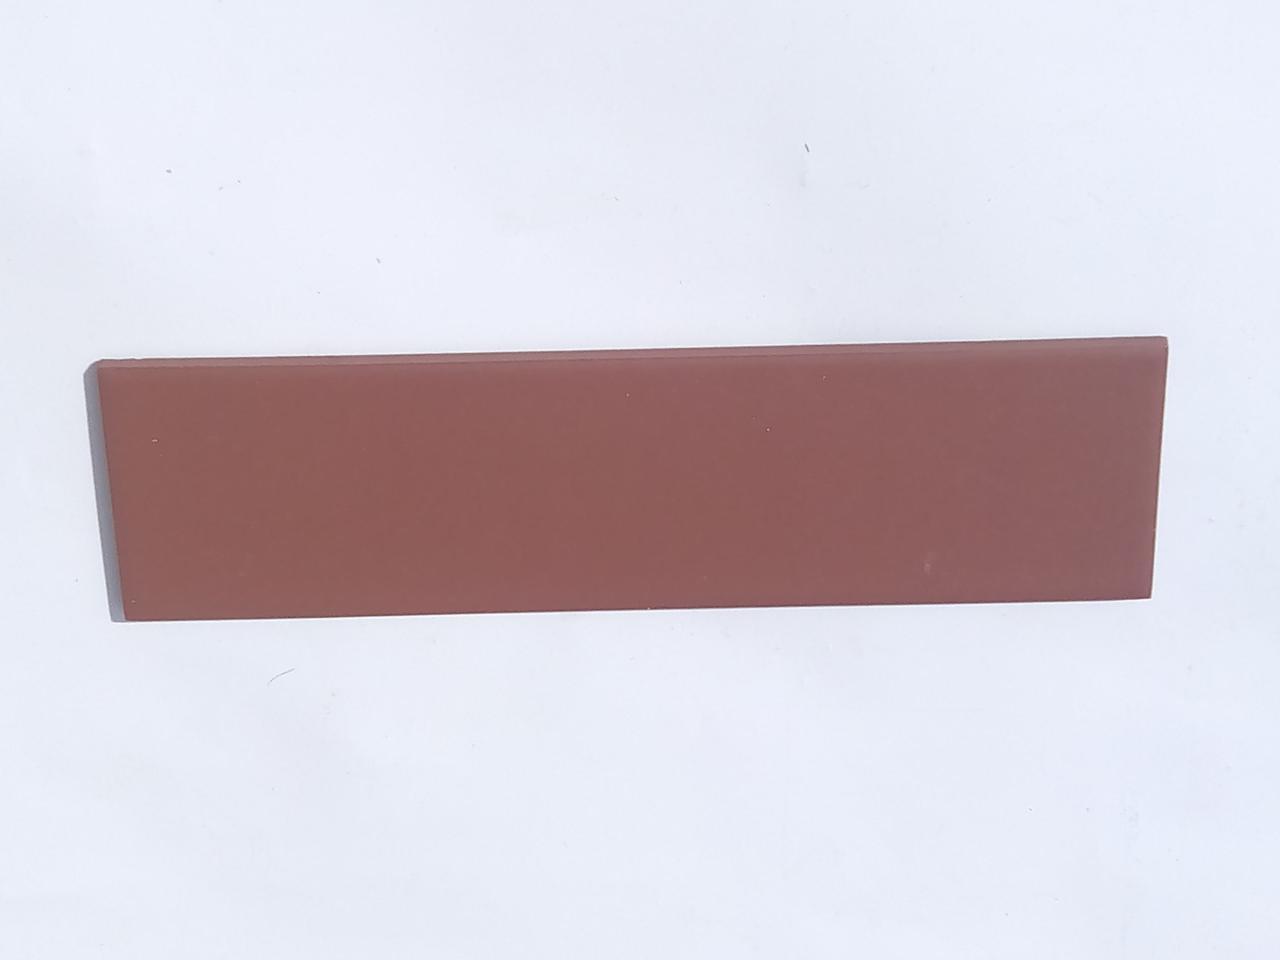 Клинкерная фасадная плитка Paradyz Natural Rossa 245x65x7.4